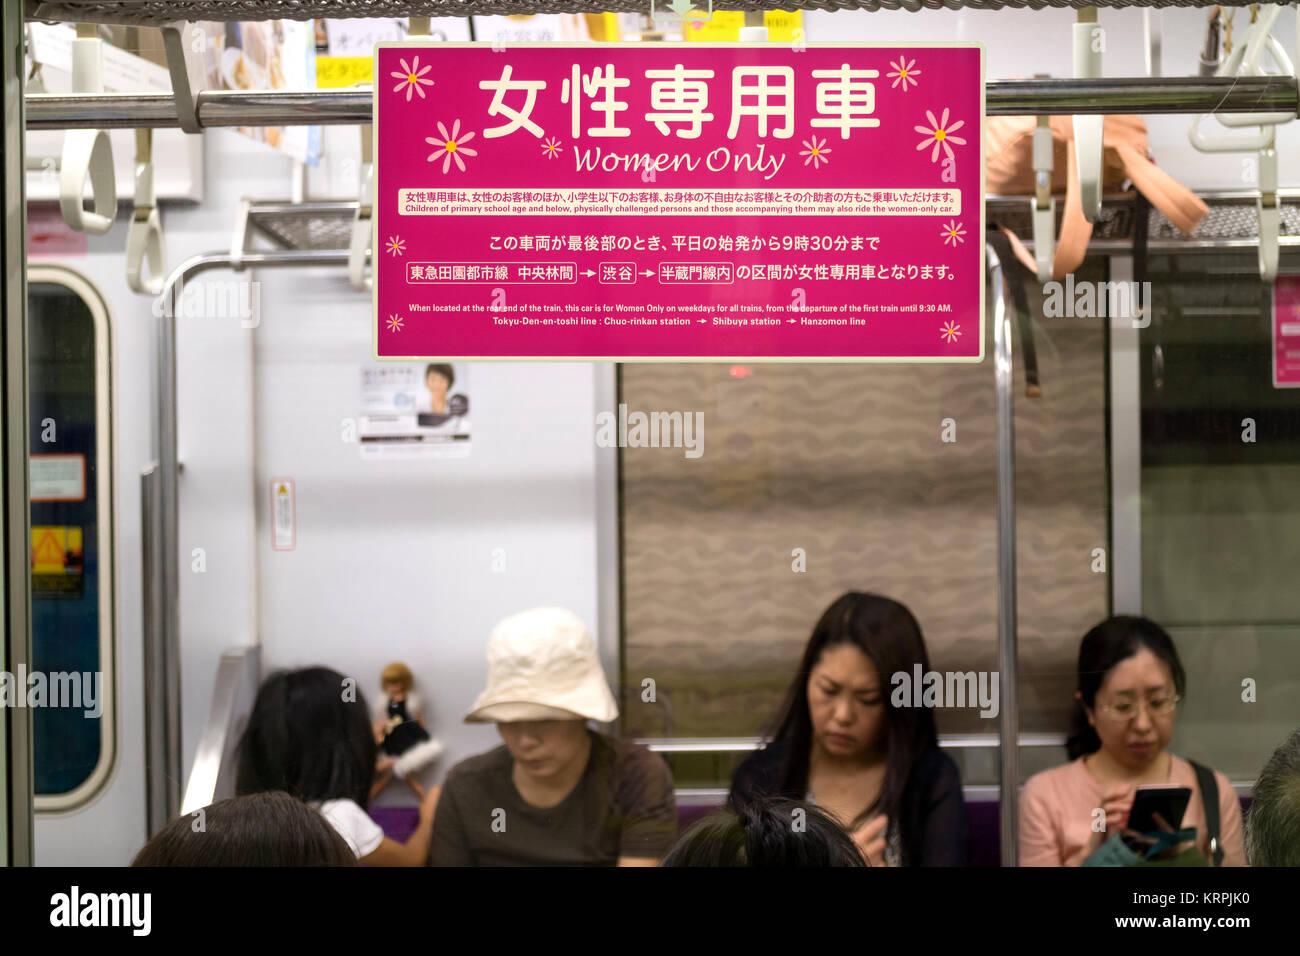 Tokyo - Japon, le 17 juin, 2017; les femmes seul passager wagon de chemin de fer, elles sont destinées Photo Stock